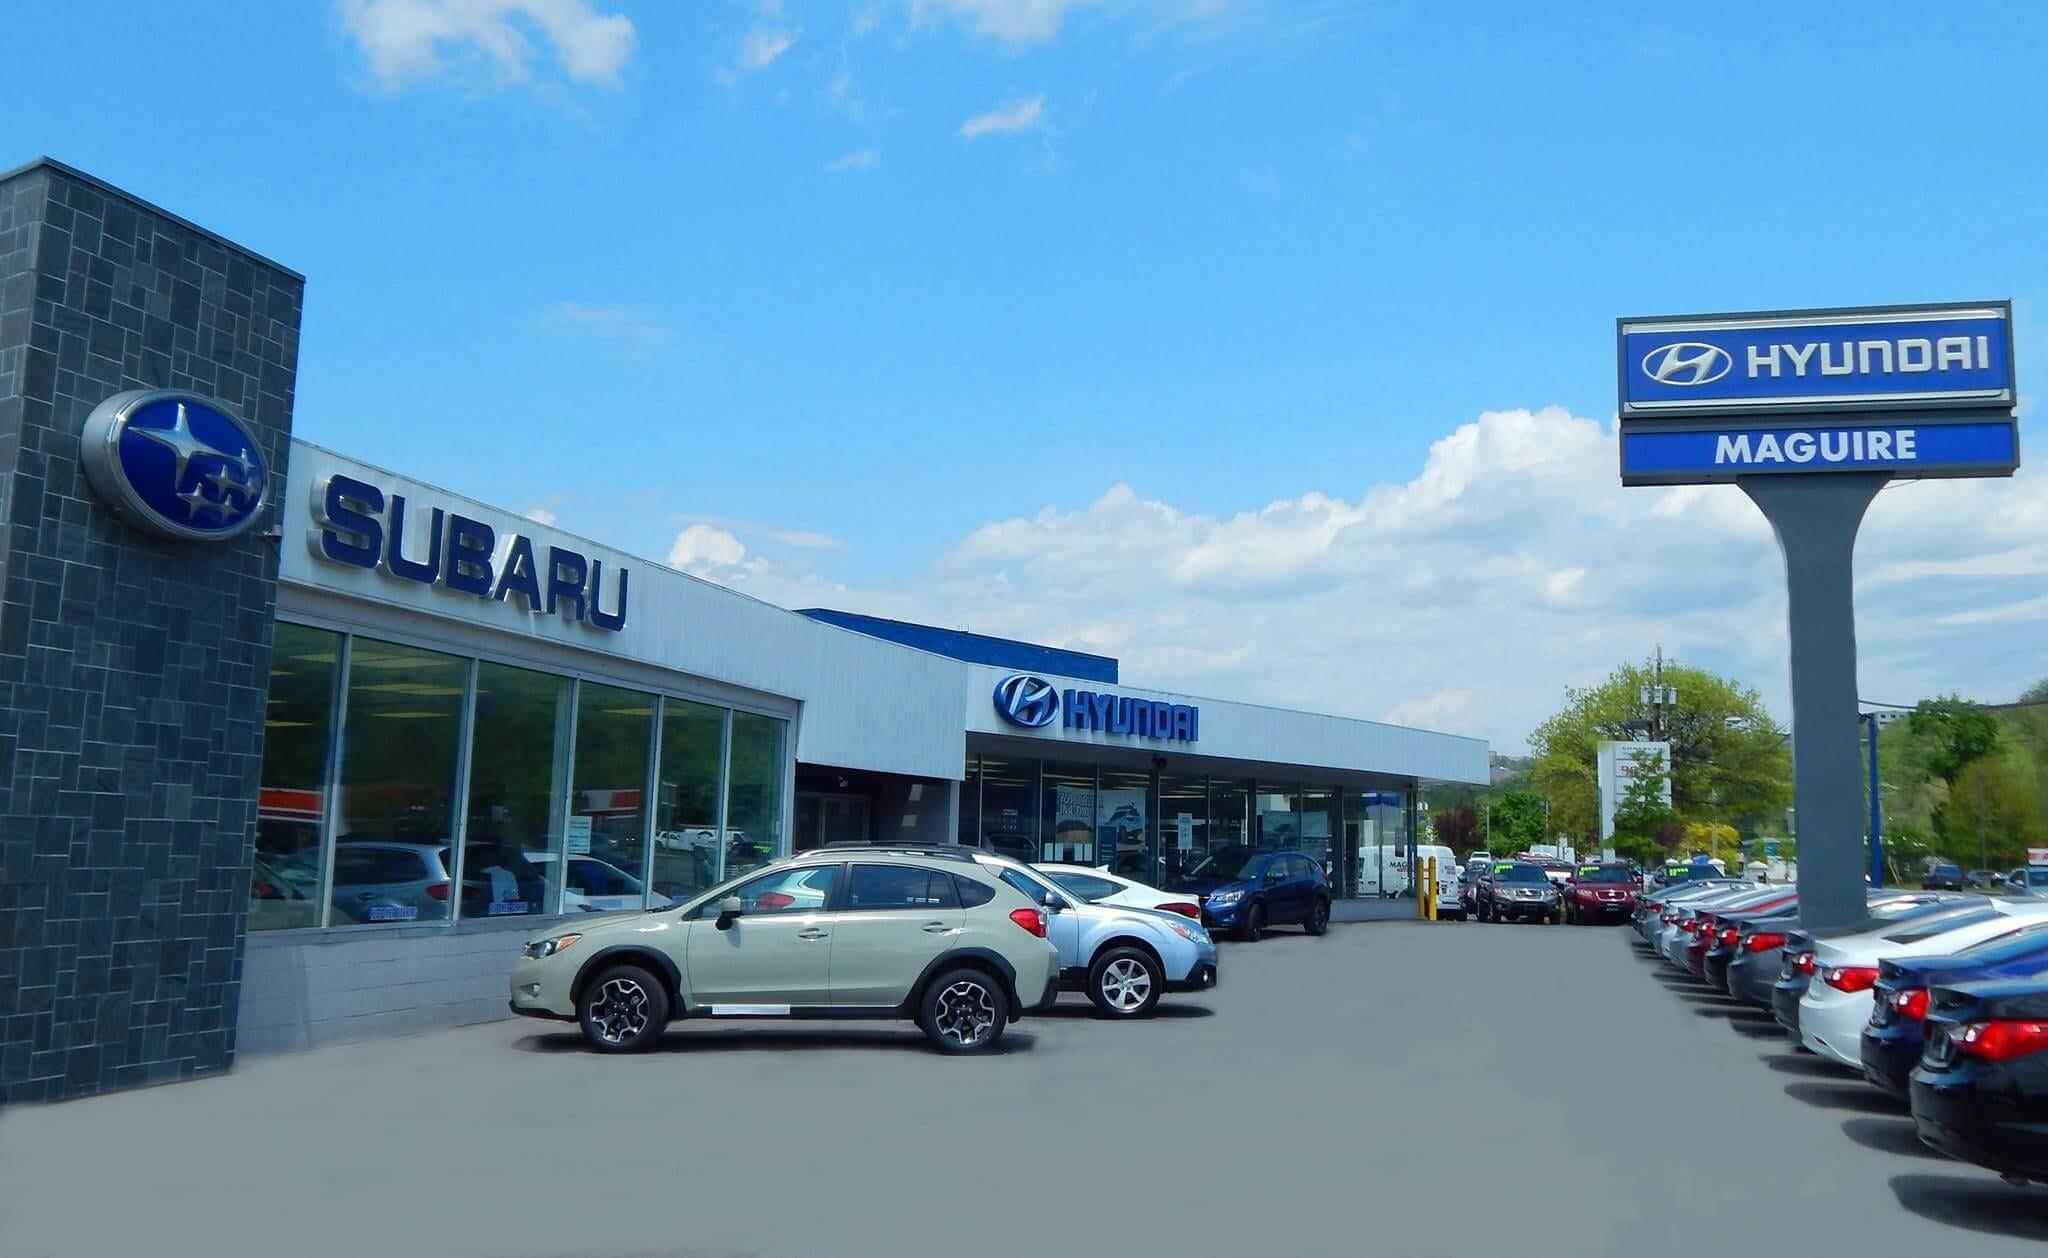 Subaru Dealer Near Me >> Subaru Dealer Near Me Ithaca Ny Maguire Subaru